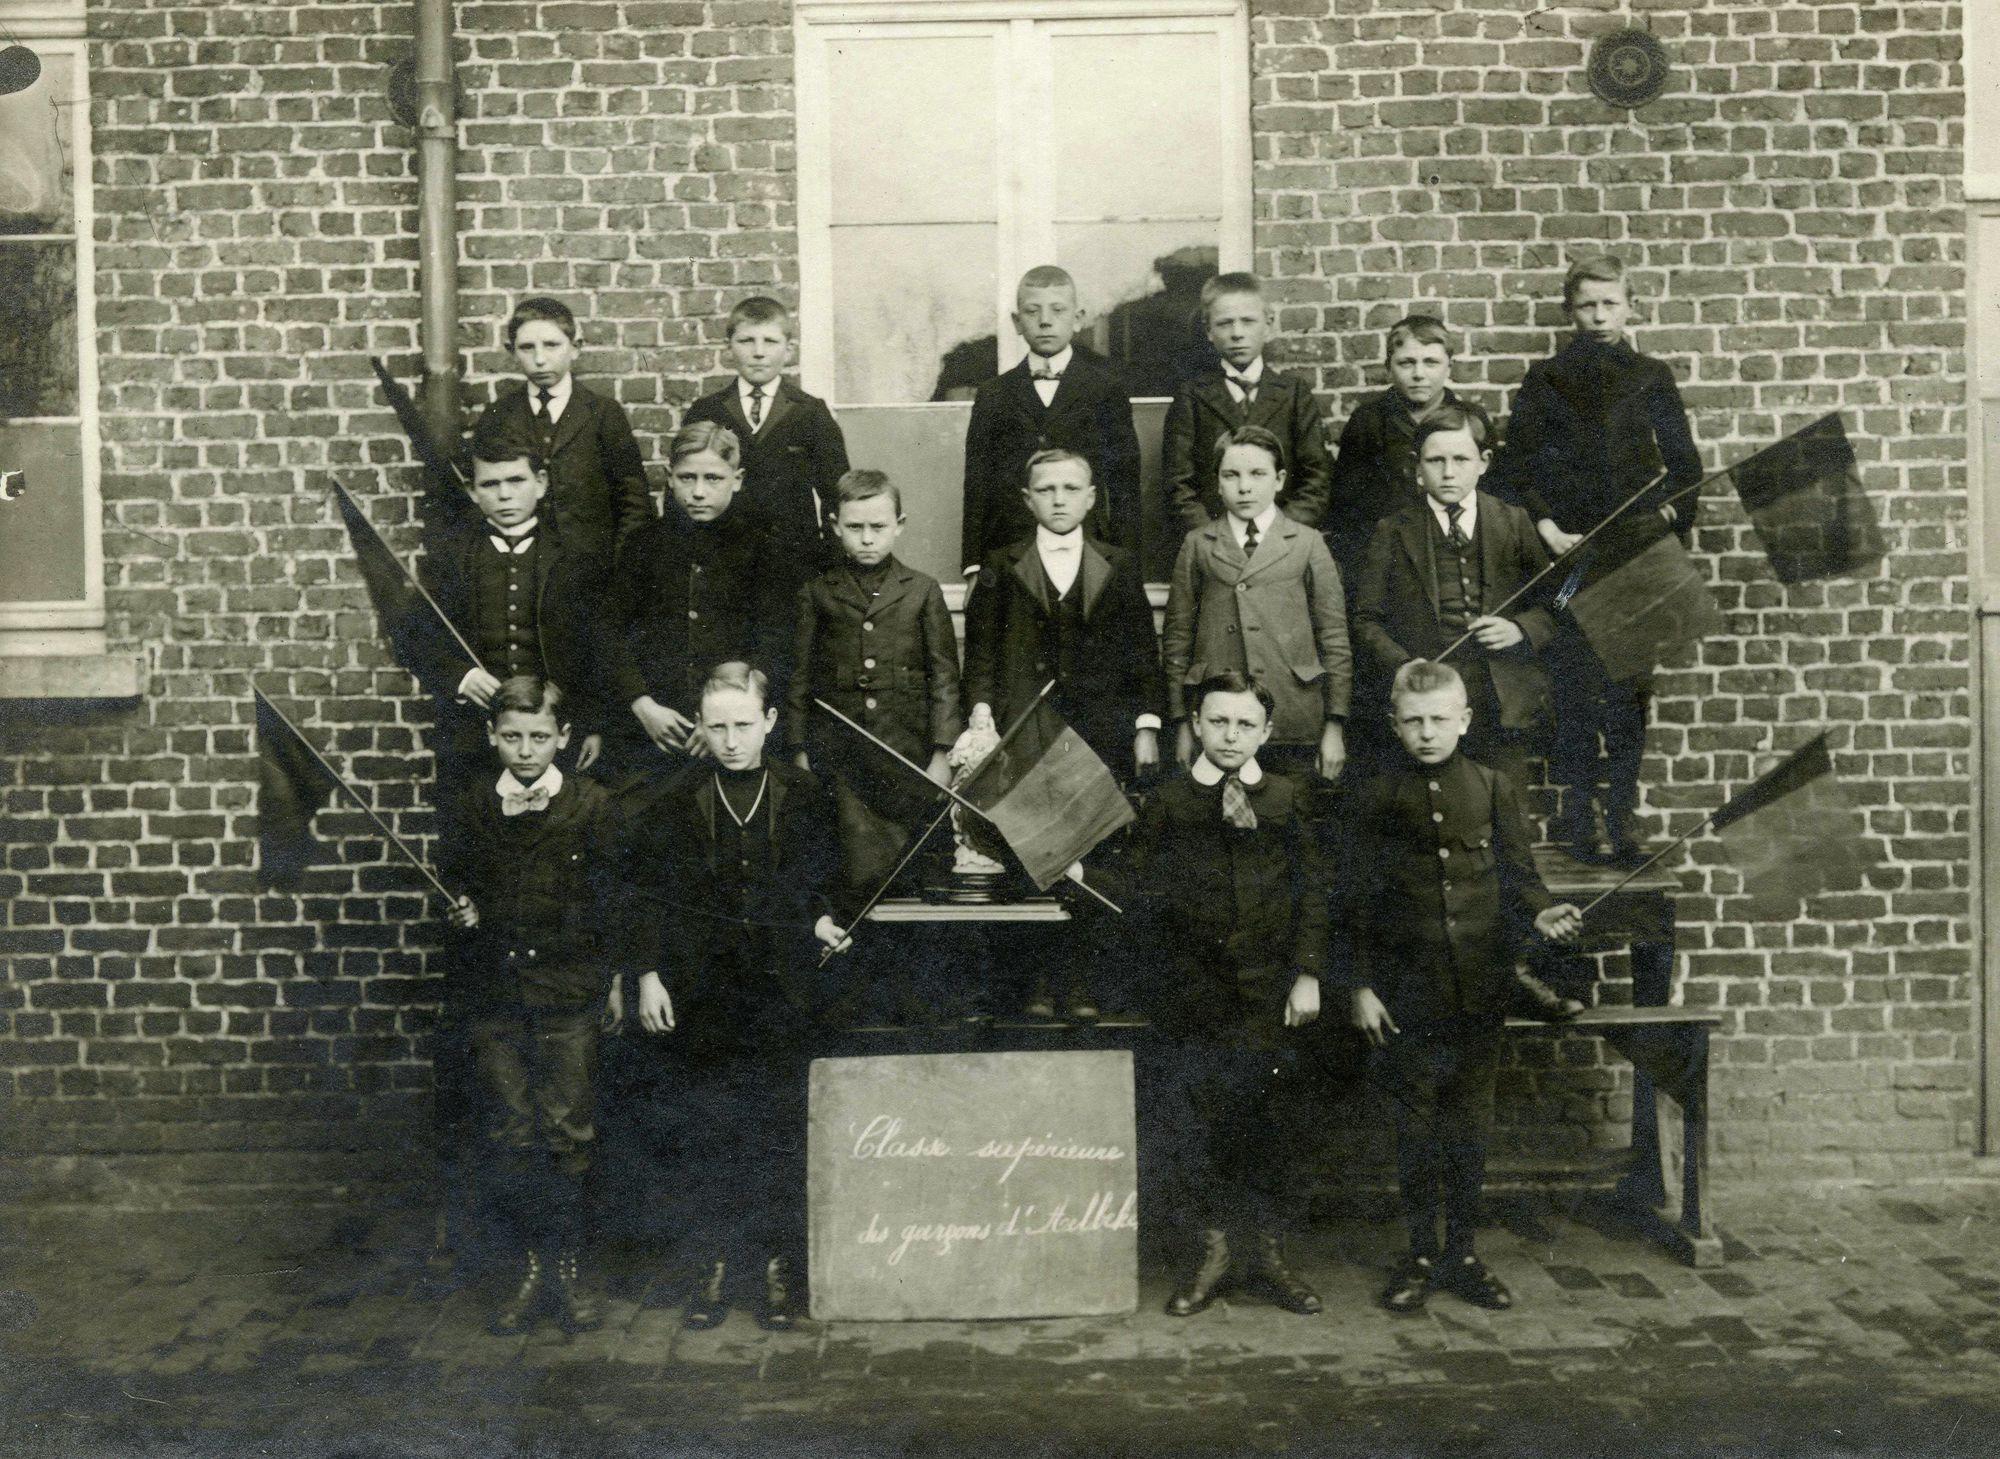 Aalbeke in 1920